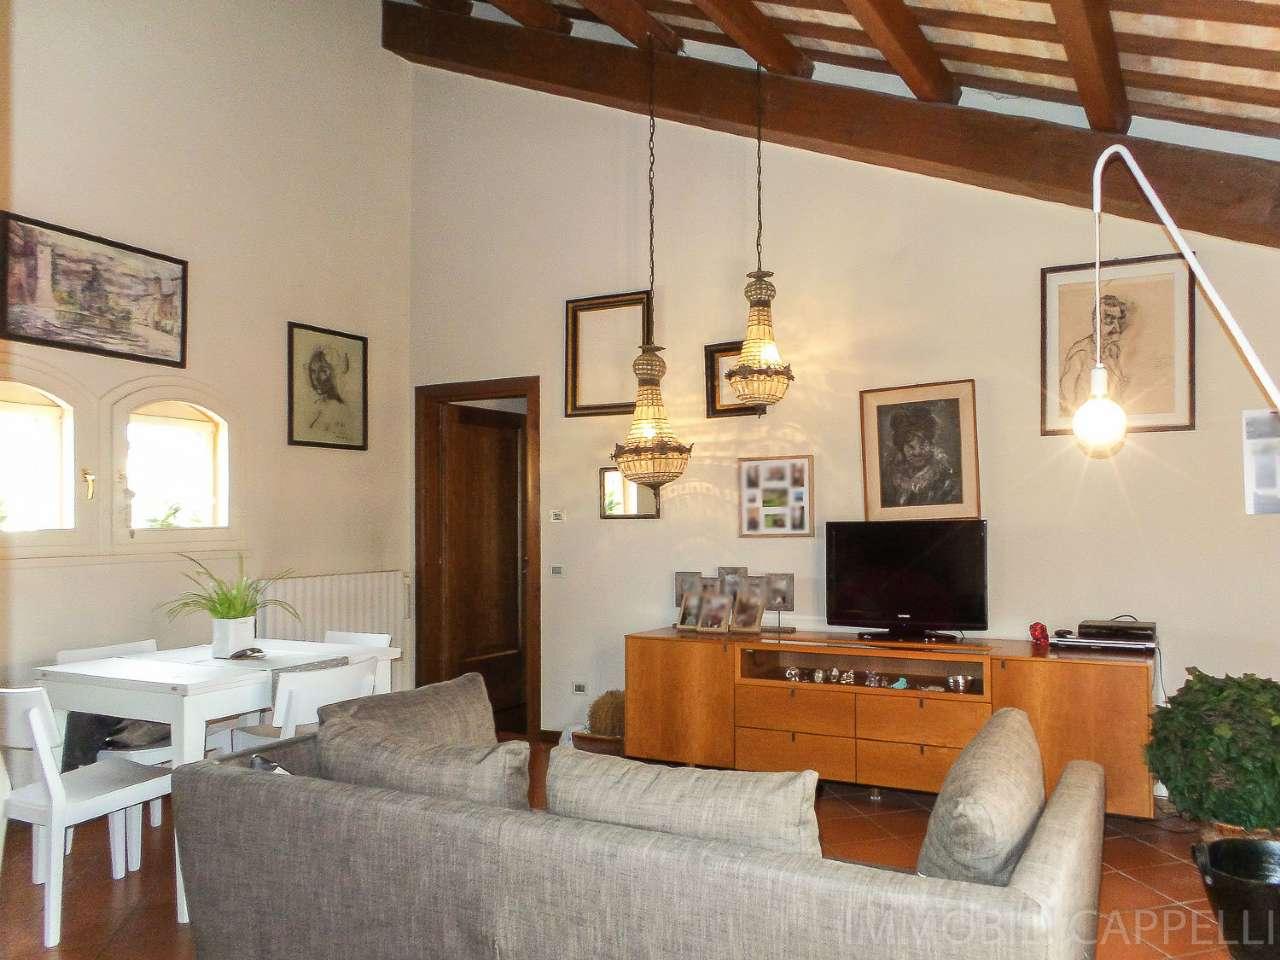 Appartamento in vendita a Cesena, 3 locali, prezzo € 265.000 | CambioCasa.it